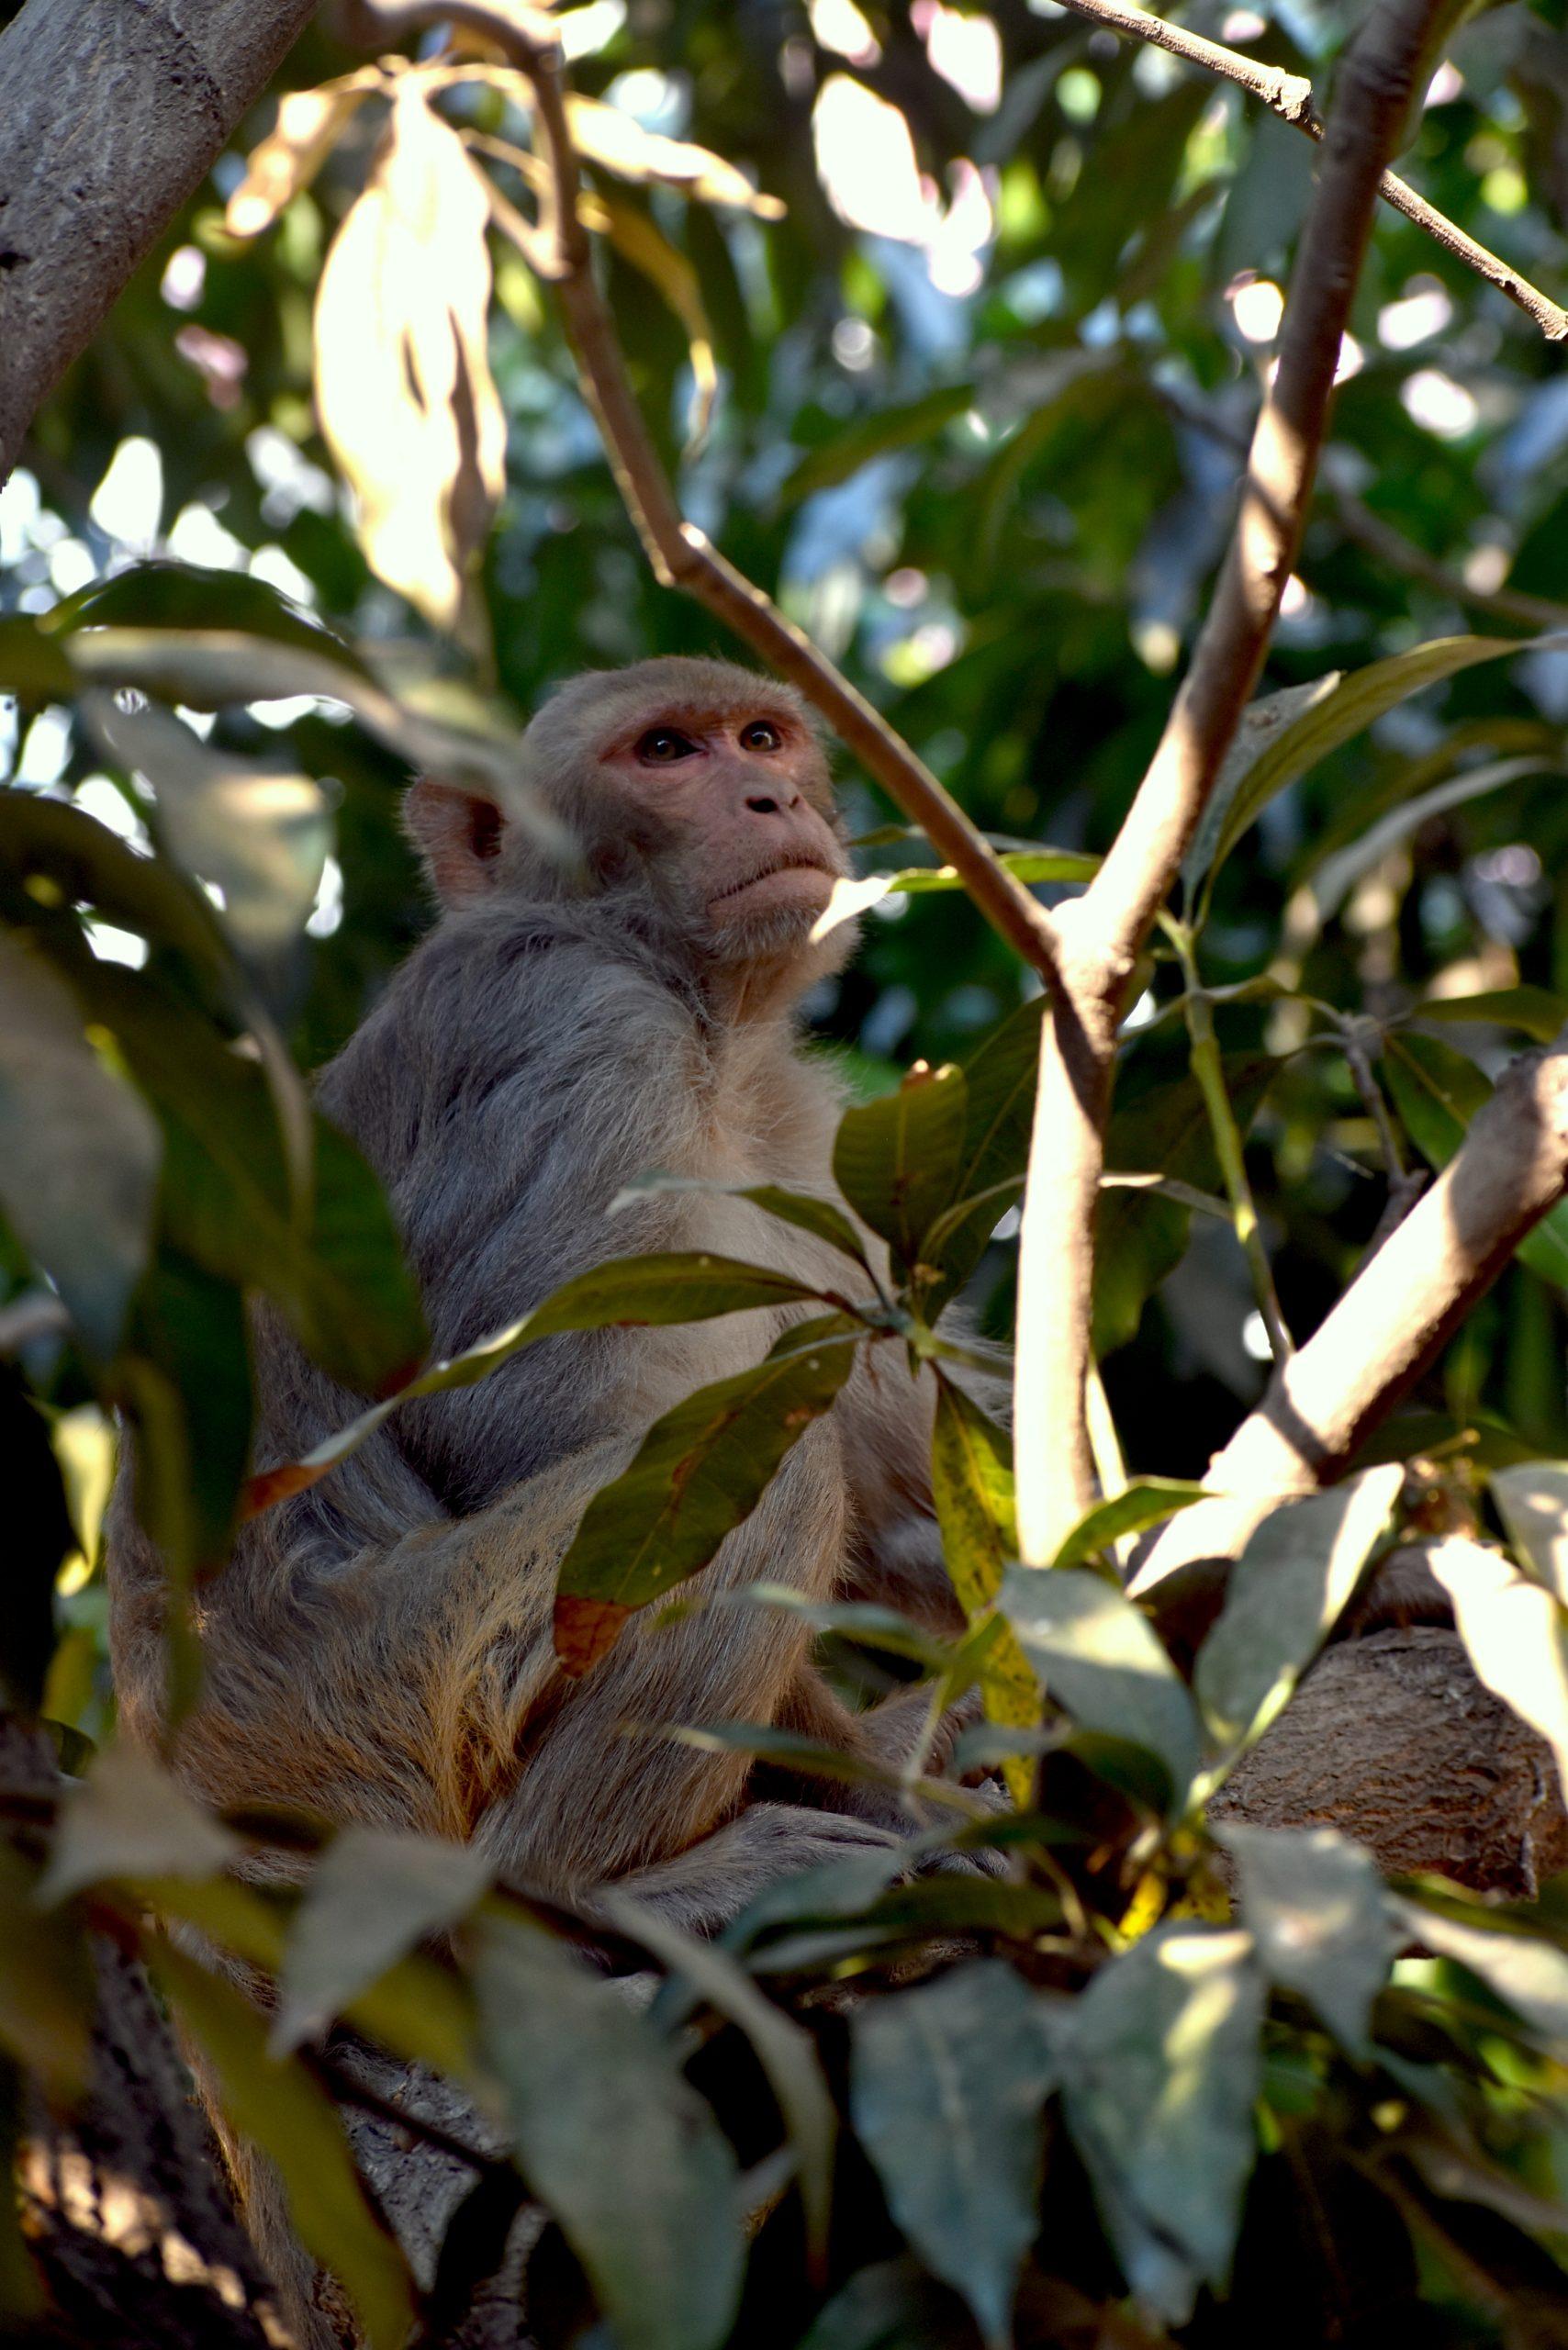 Monkey on the Mango tree